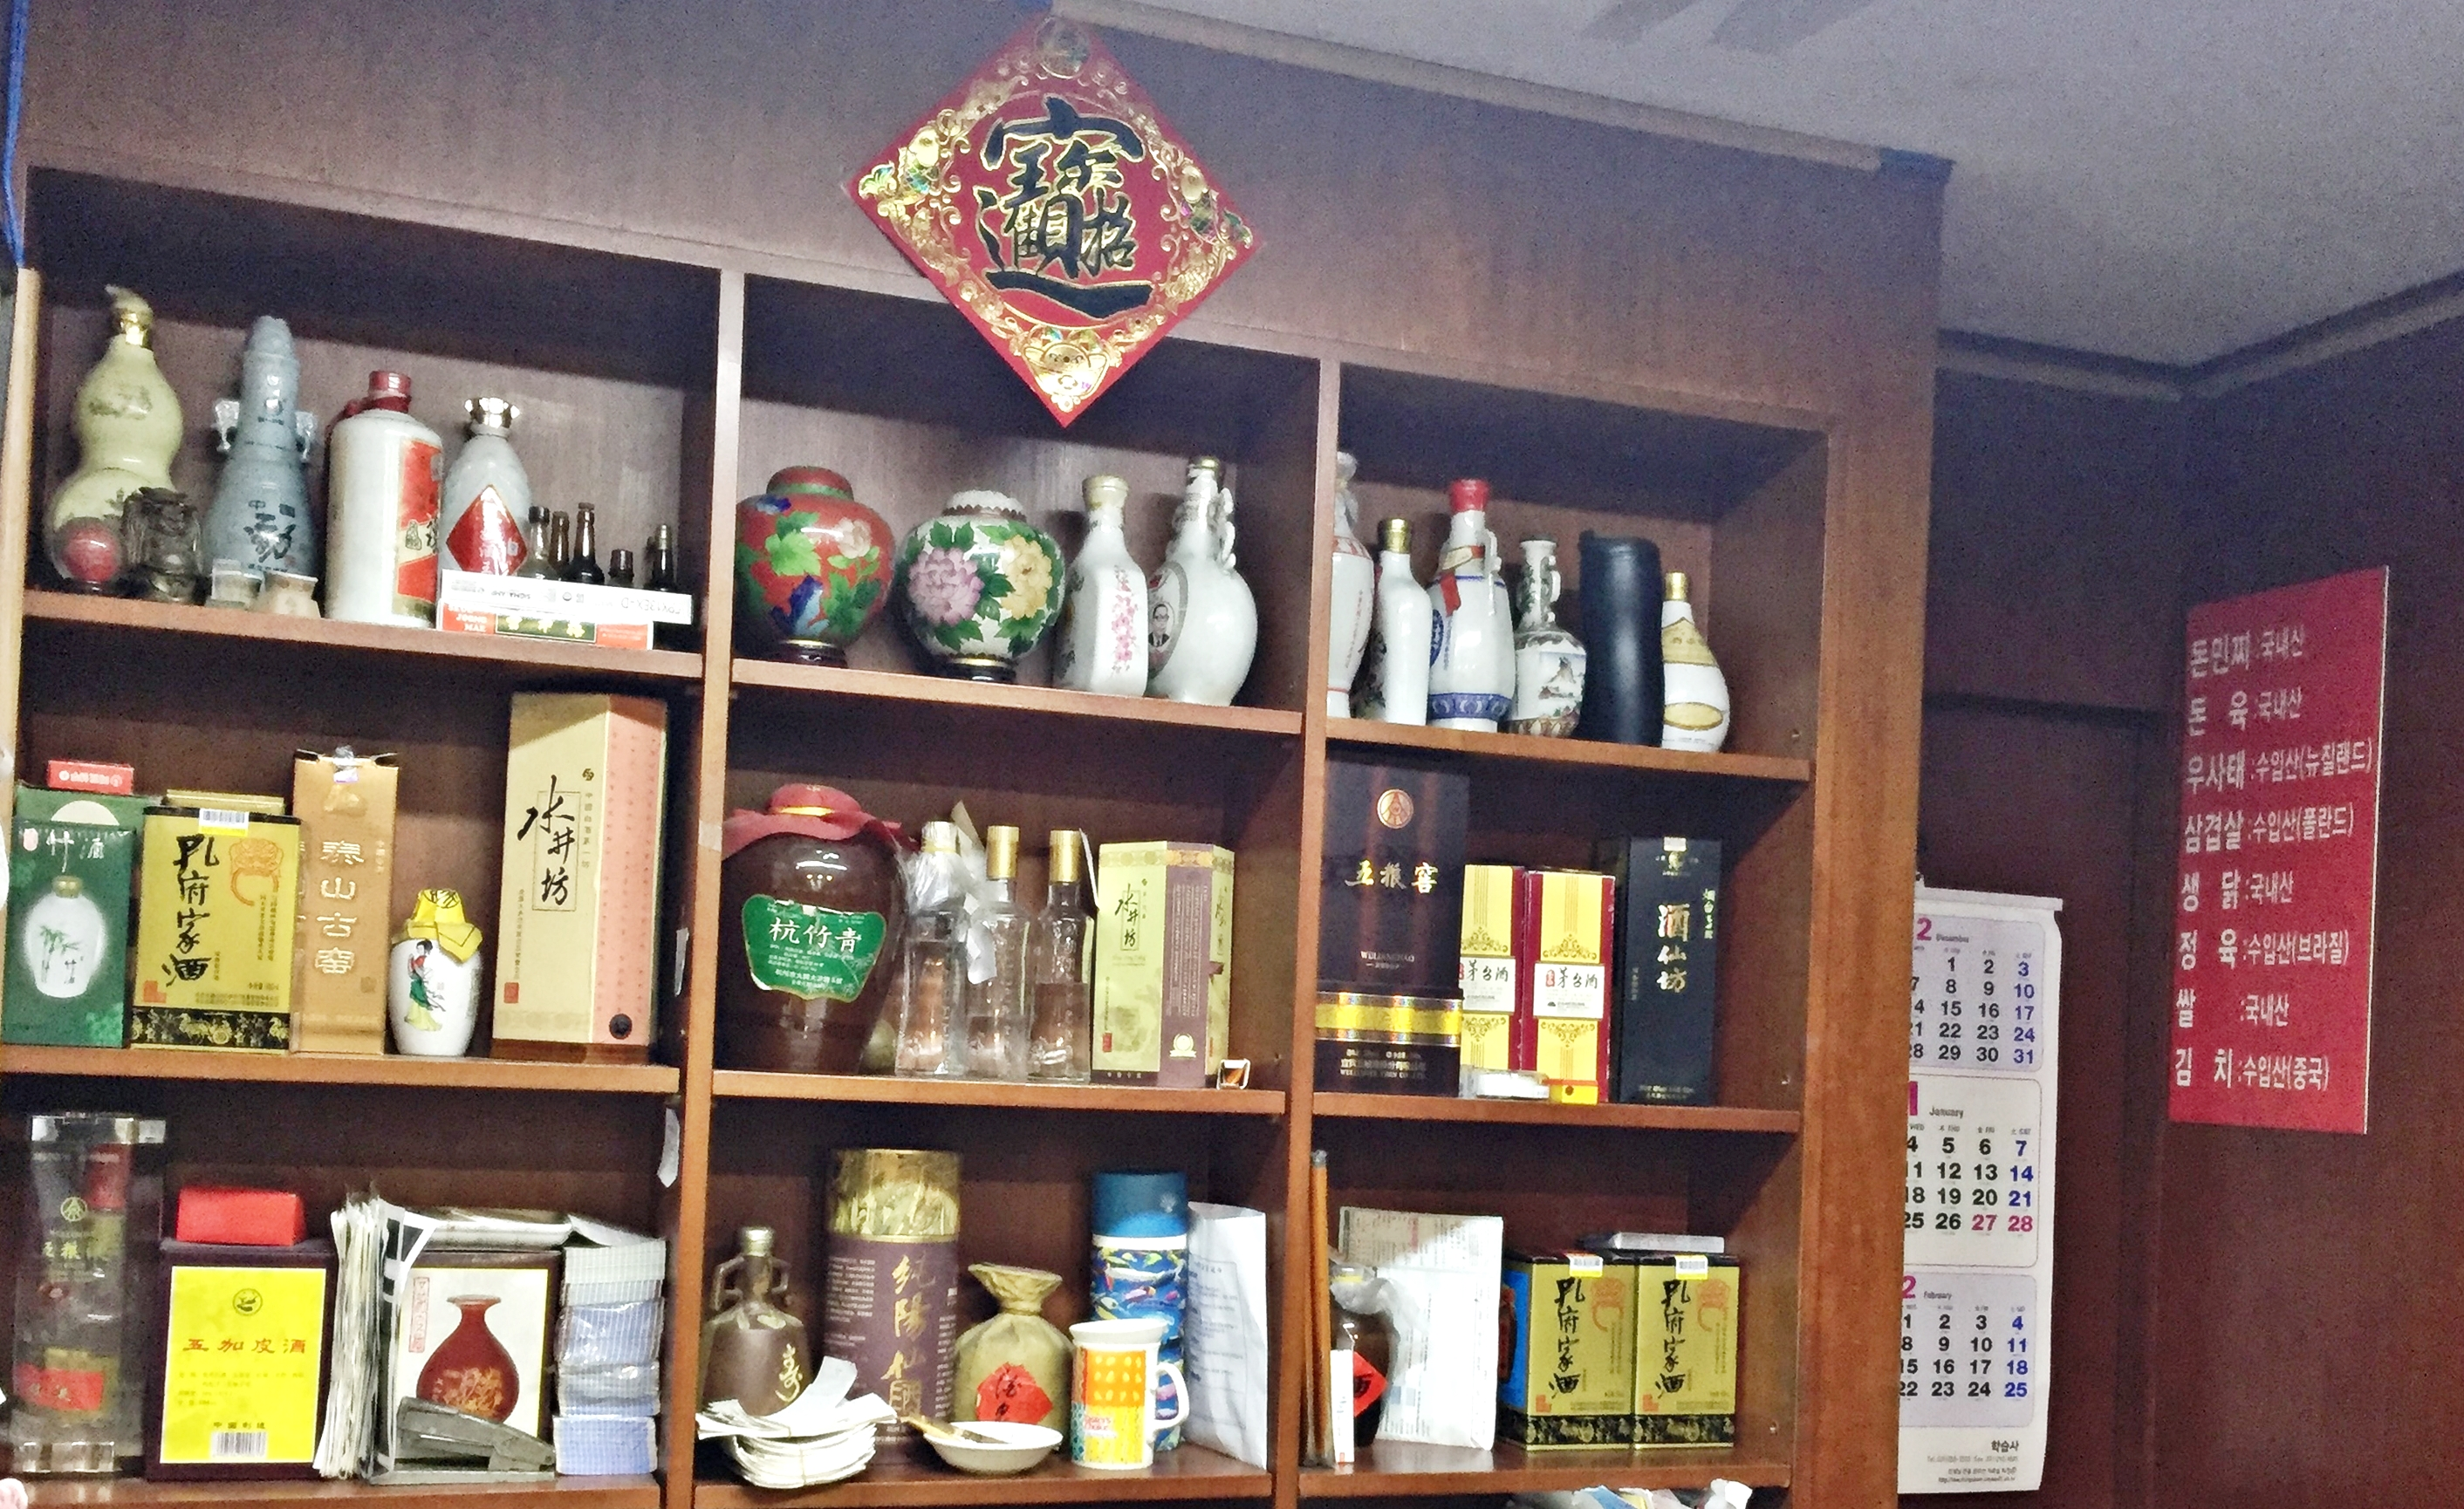 잔뜩 진열되어 있는 중국 술들